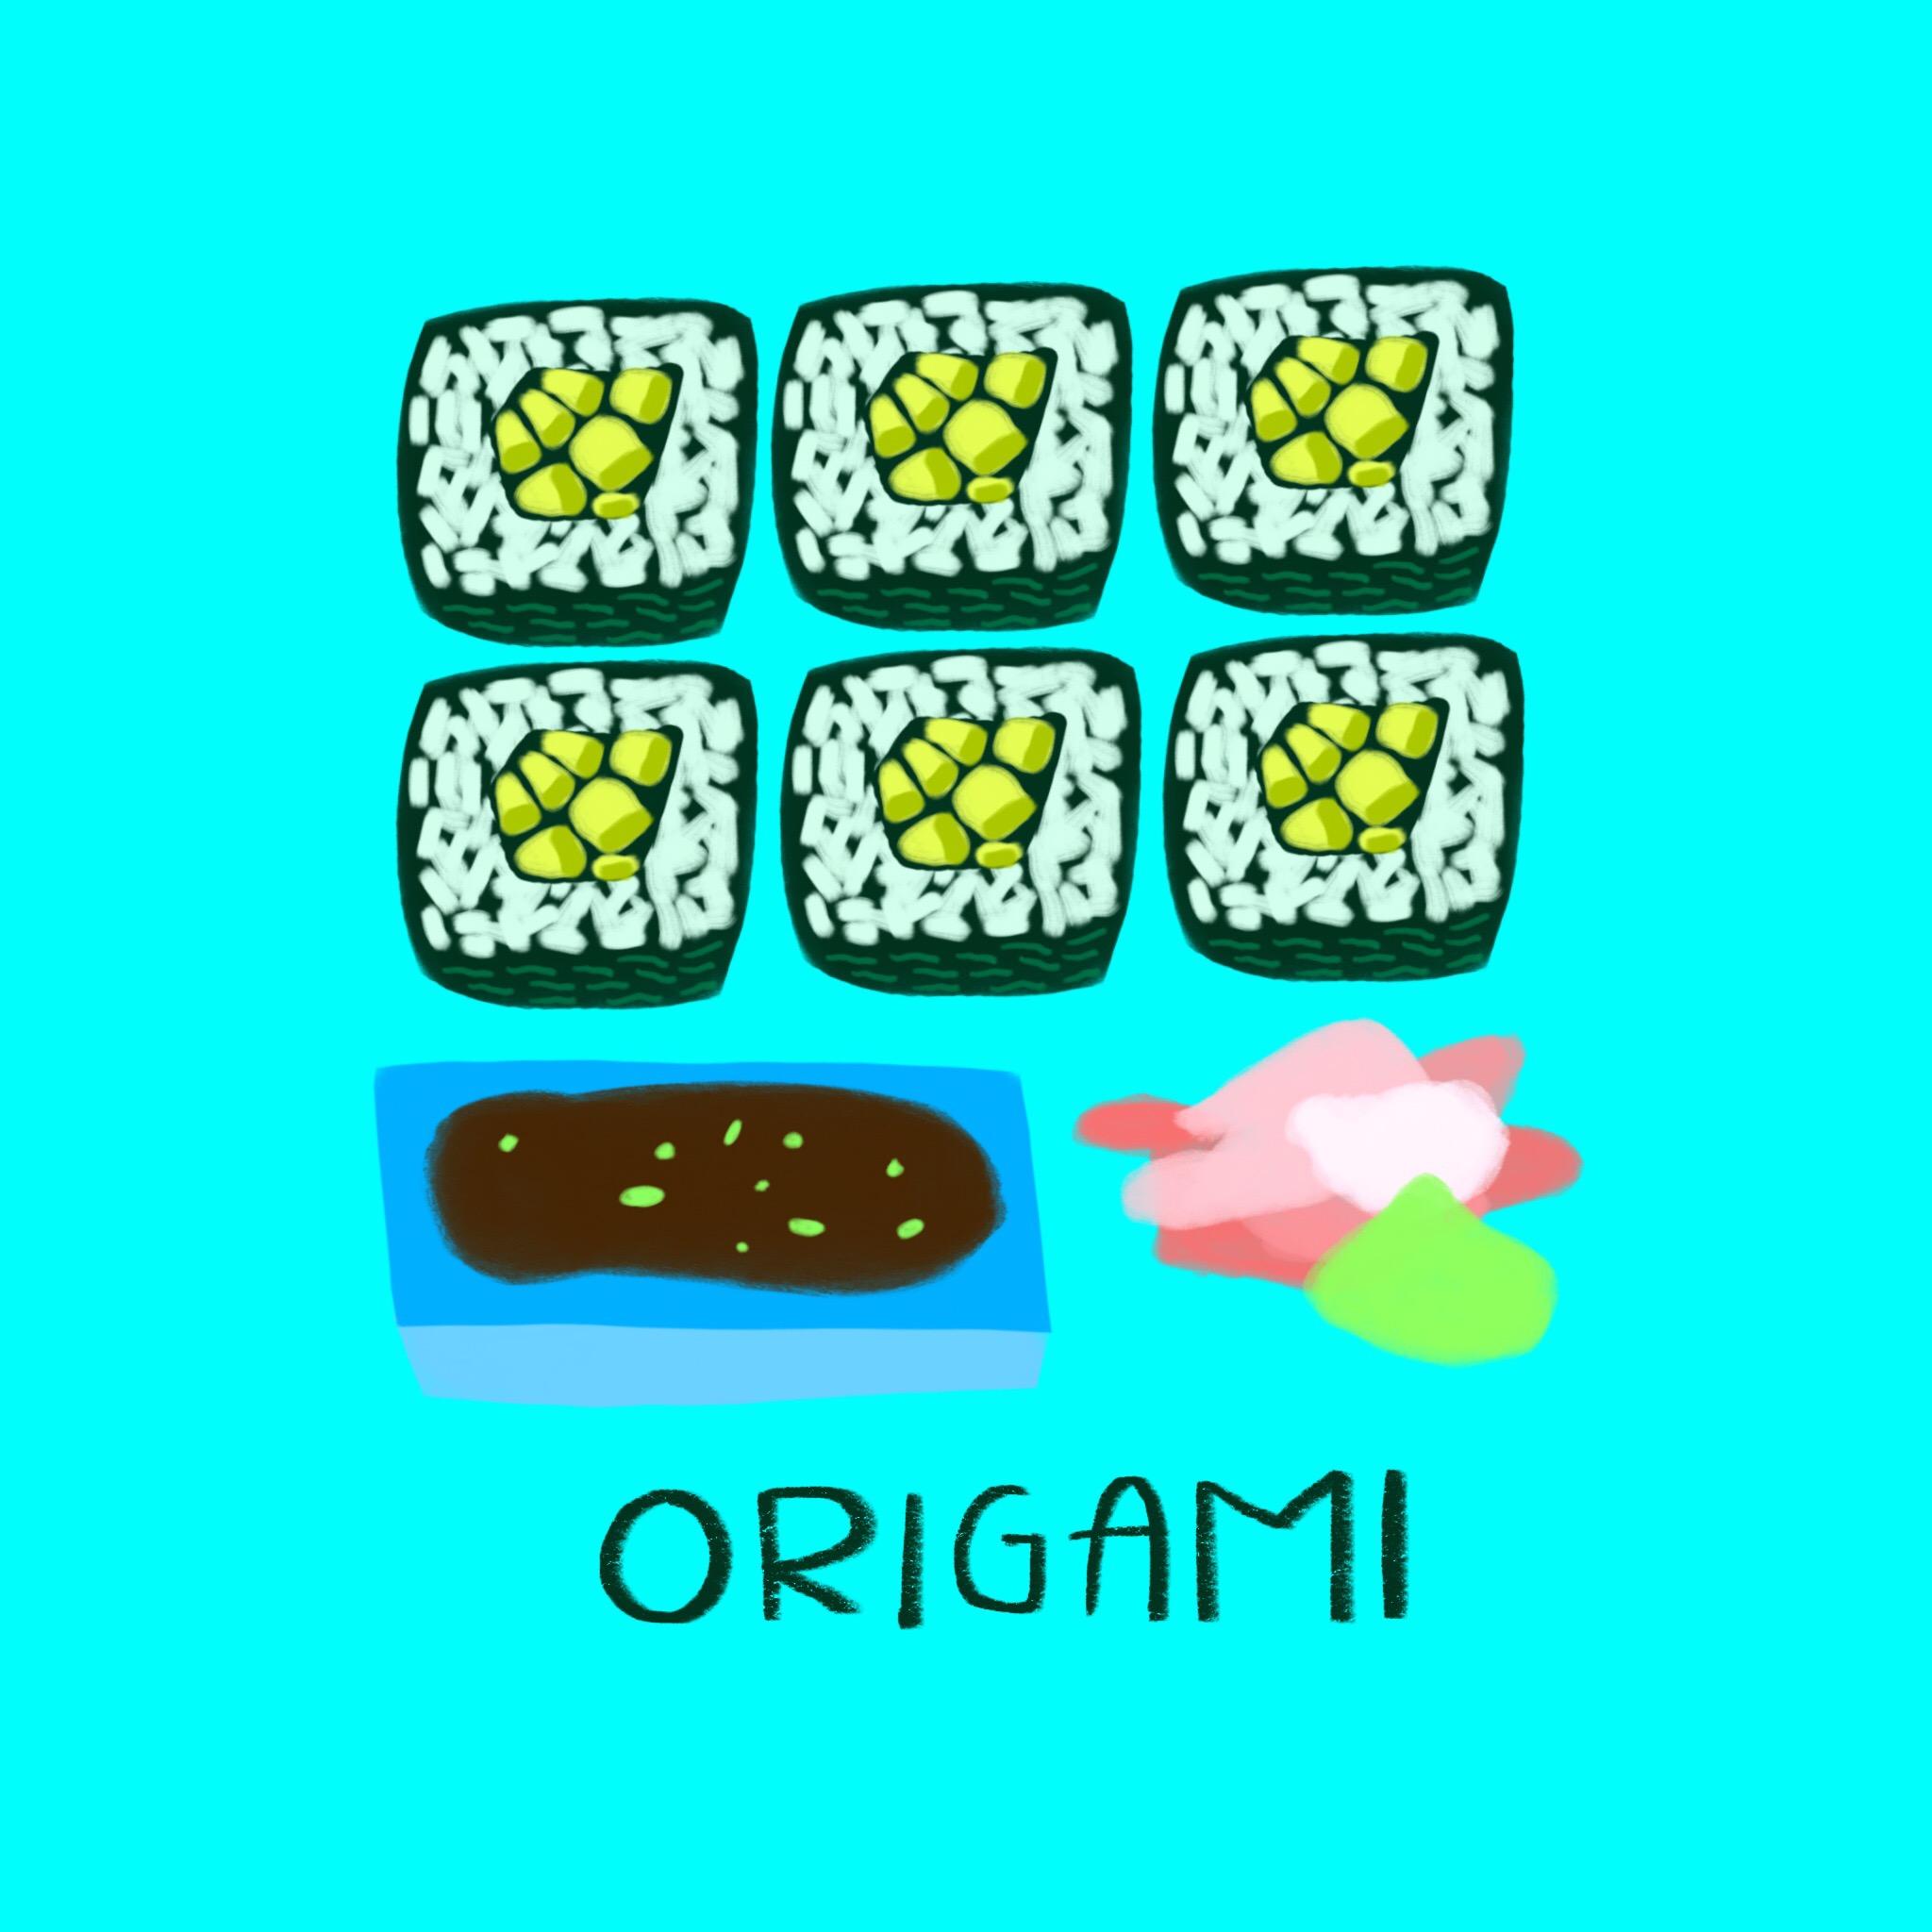 72_-_Origami.jpg